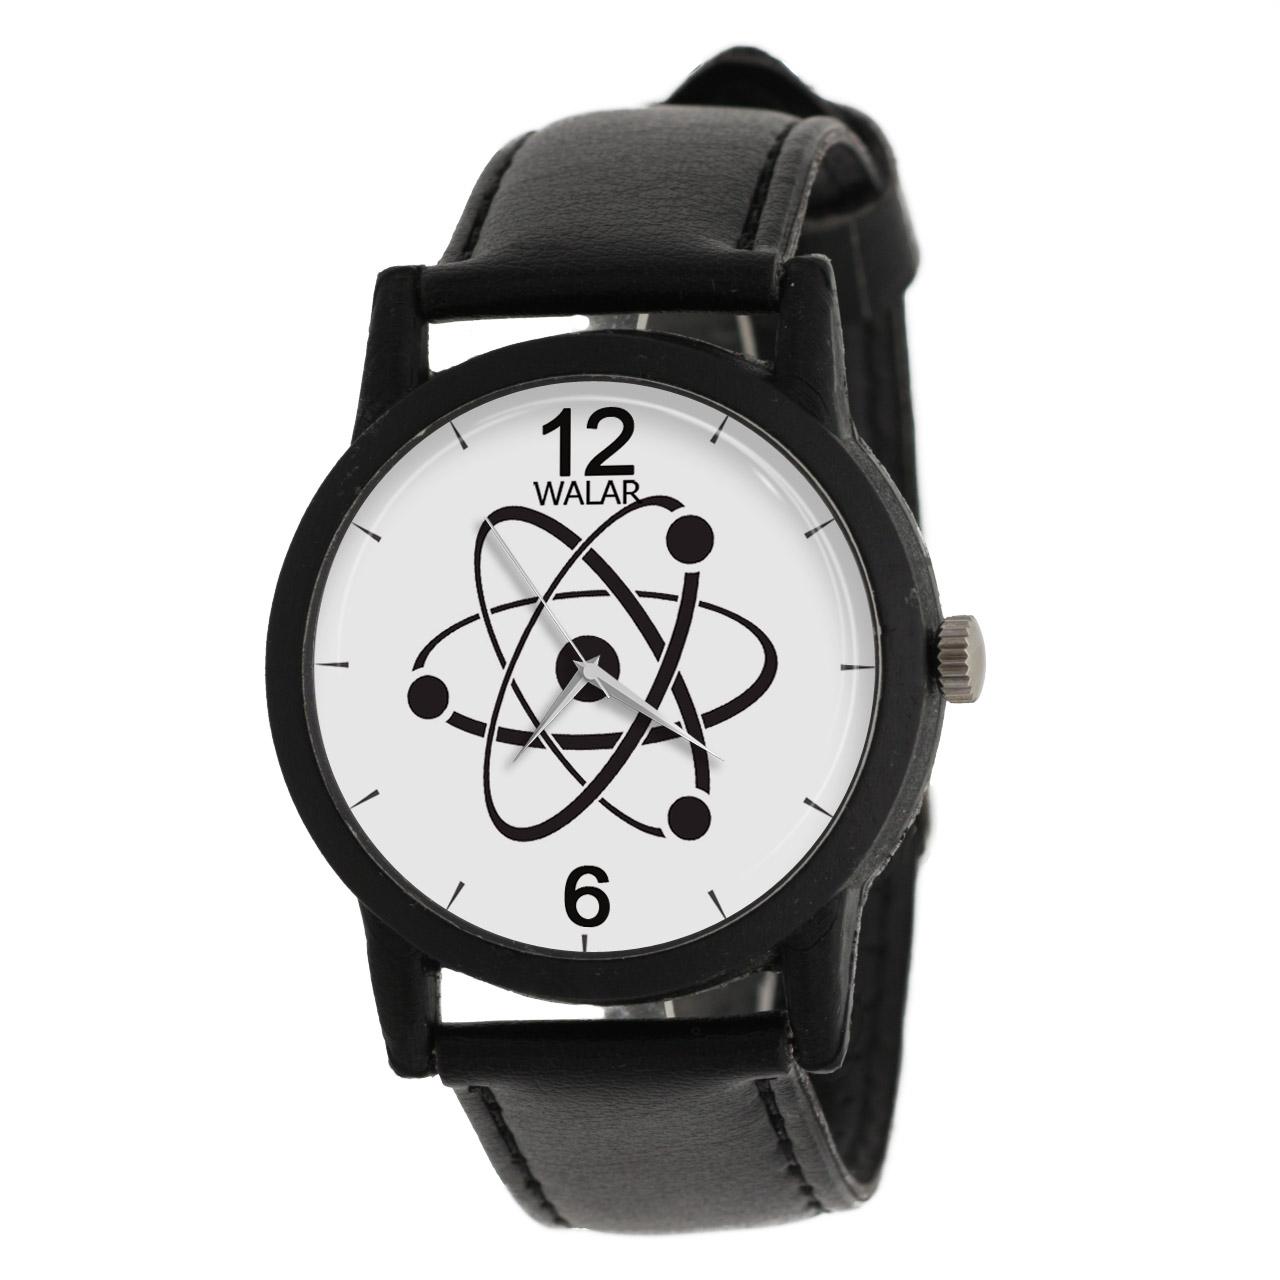 ساعت مچی عقربه ای والار طرح فیزیک مدل LF1267